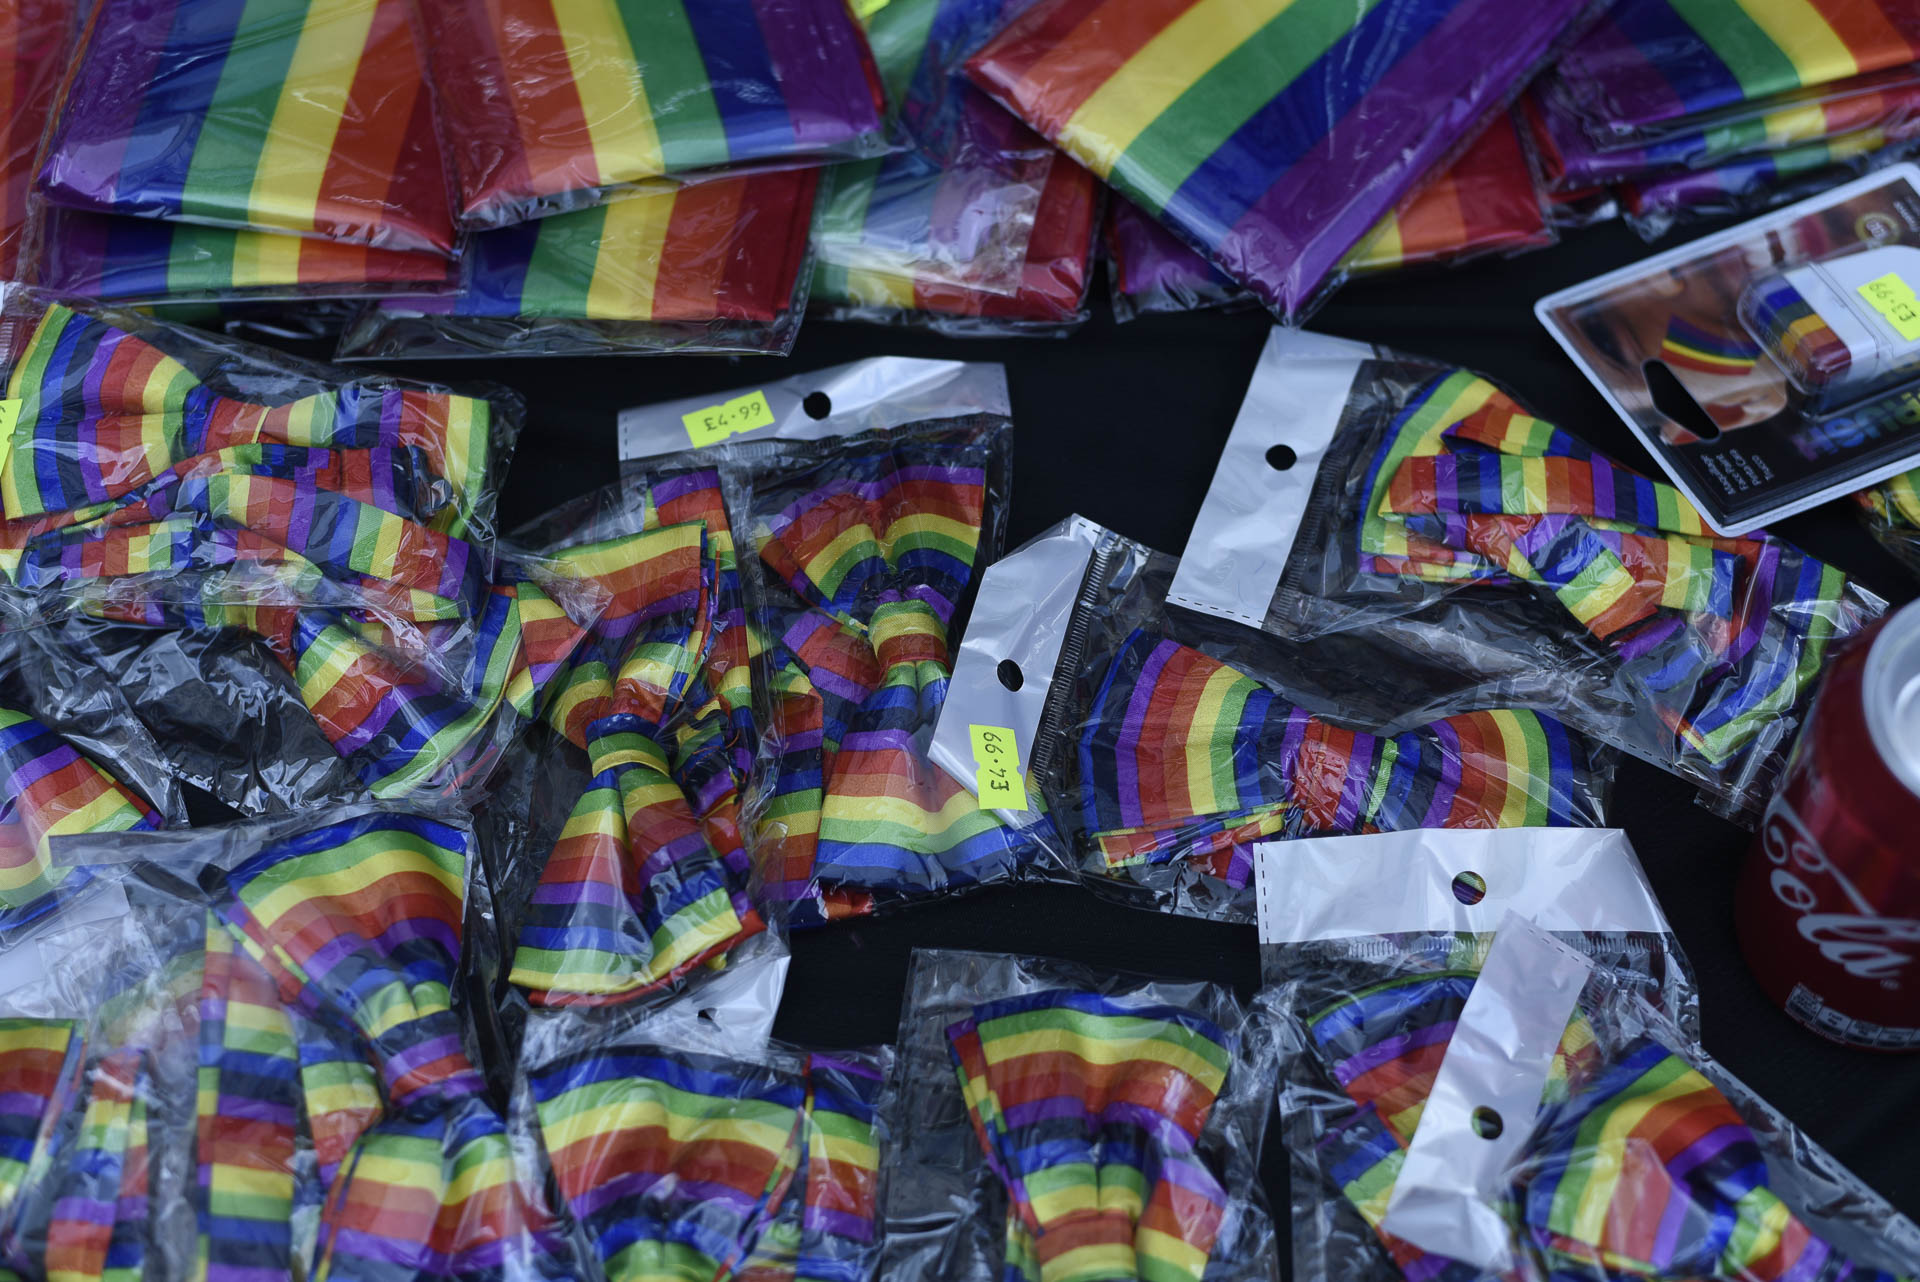 btn_pride_18-08-04232.JPG